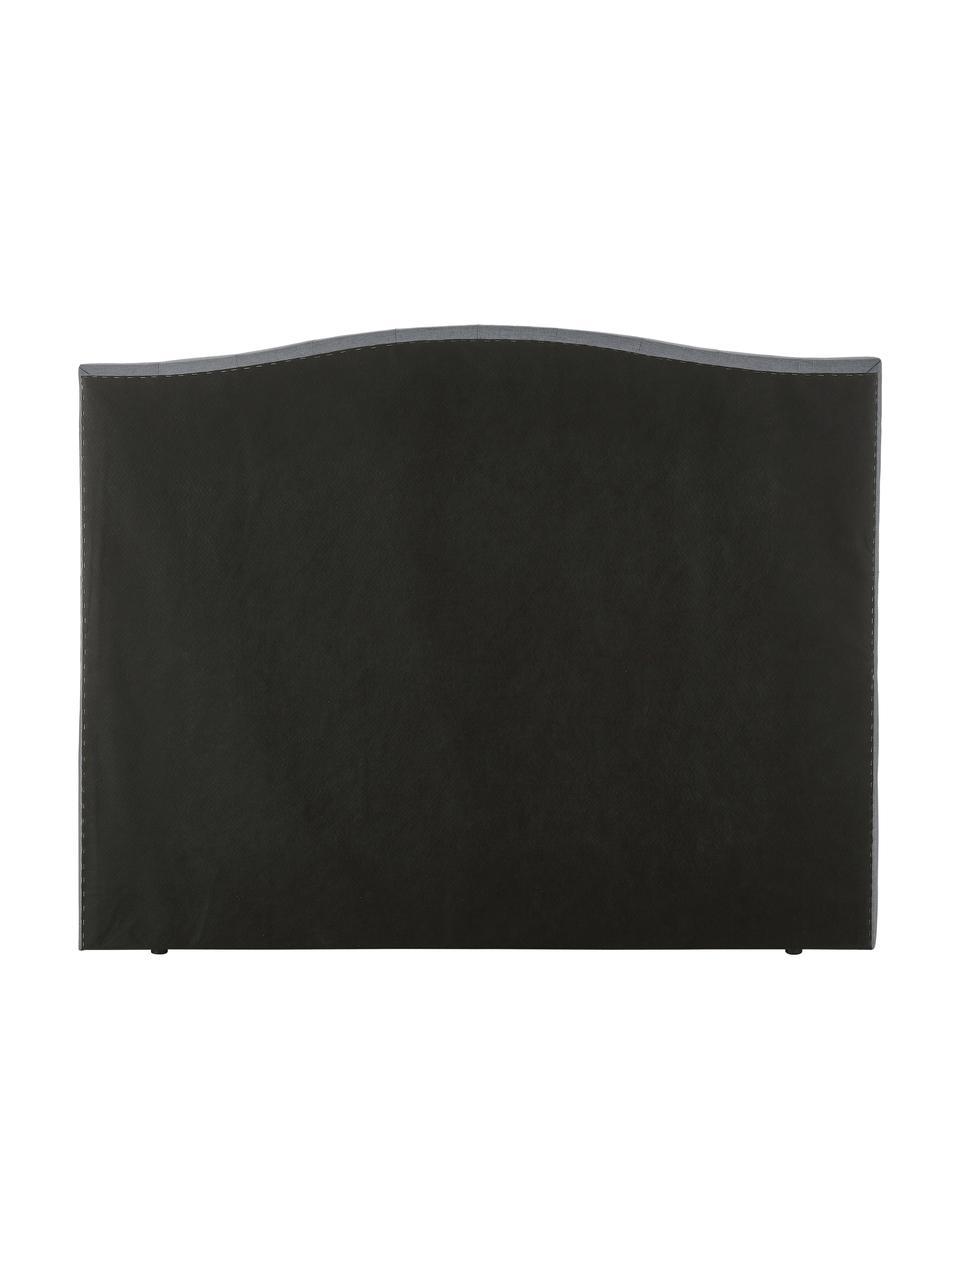 Letto Boxspring grigio con contenitore Premium Royal, Materasso: nucleo a 5 zone di molle , Piedini: legno di betulla massicci, Tessuto grigio, 200 x 200 cm